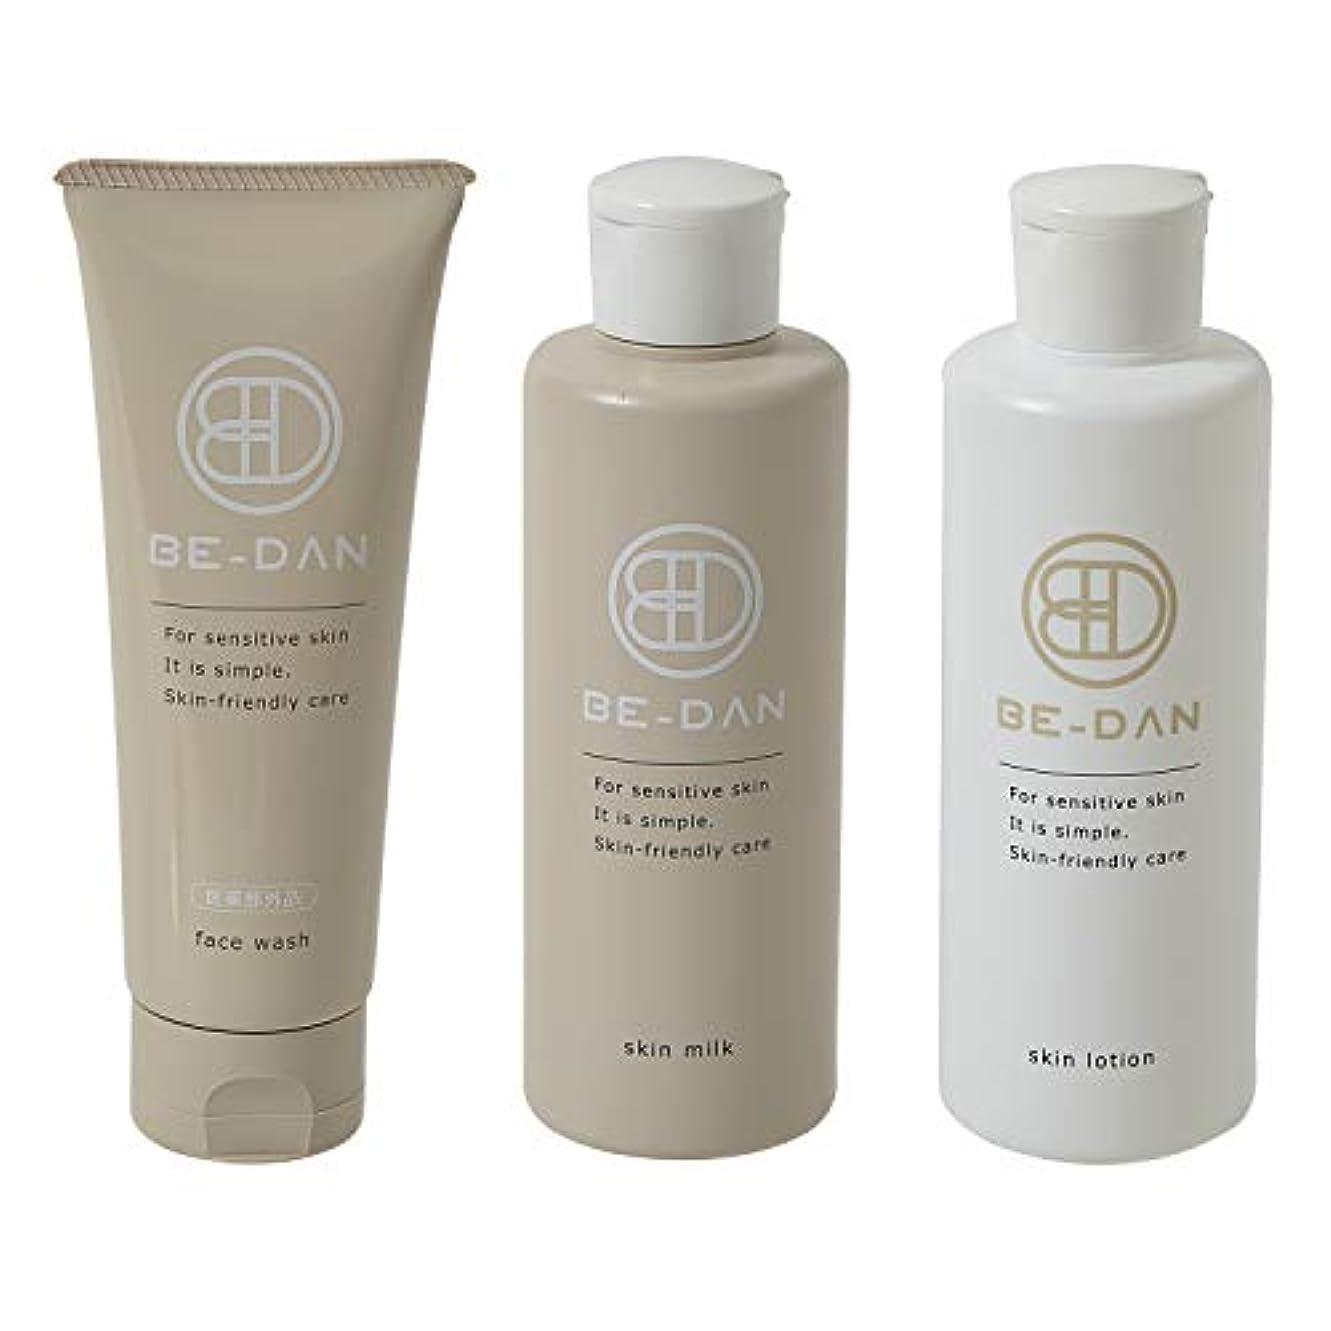 痛い陽気な旋回BE-DAN スキンケアセット (洗顔料 + 化粧水 + 乳液 ) (ビダン) (BEDAN) メンズ コスメ 敏感肌用